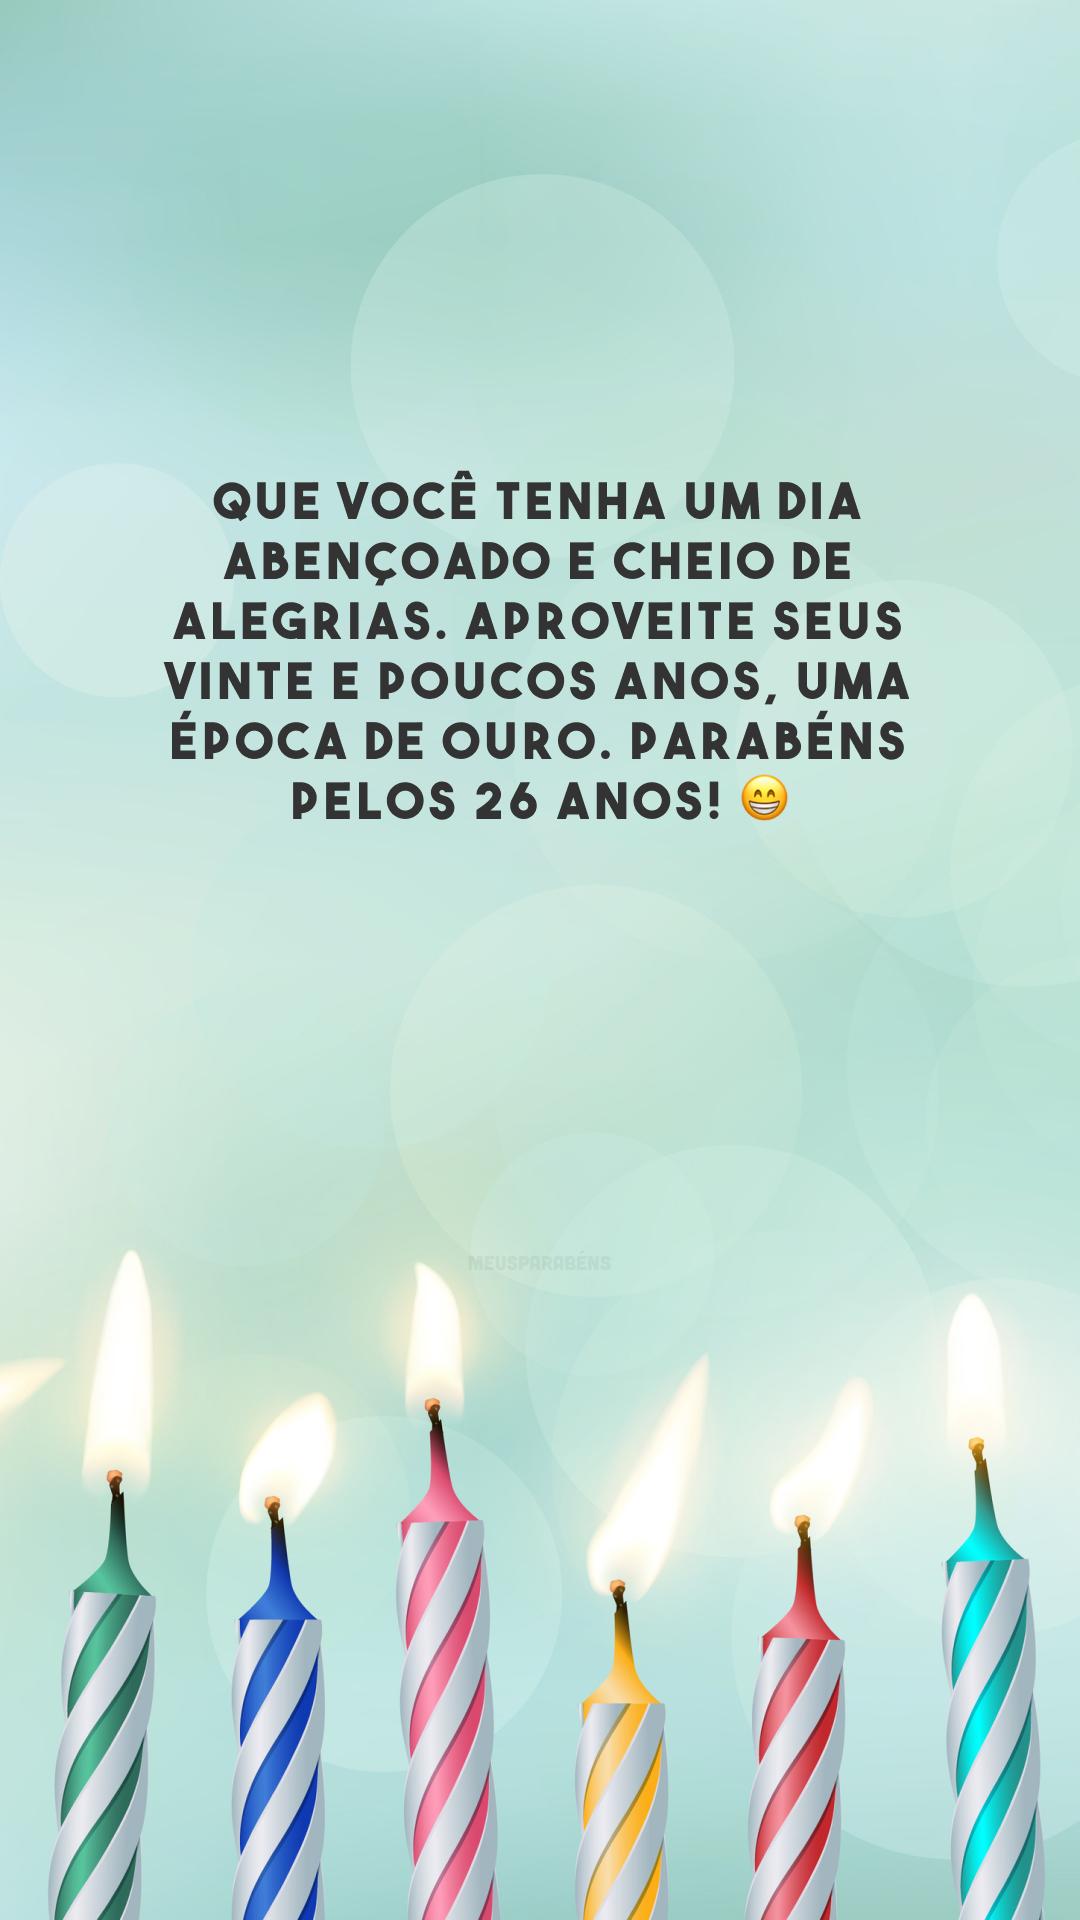 Que você tenha um dia abençoado e cheio de alegrias. Aproveite seus vinte e poucos anos, uma época de ouro. Parabéns pelos 26 anos! 😁